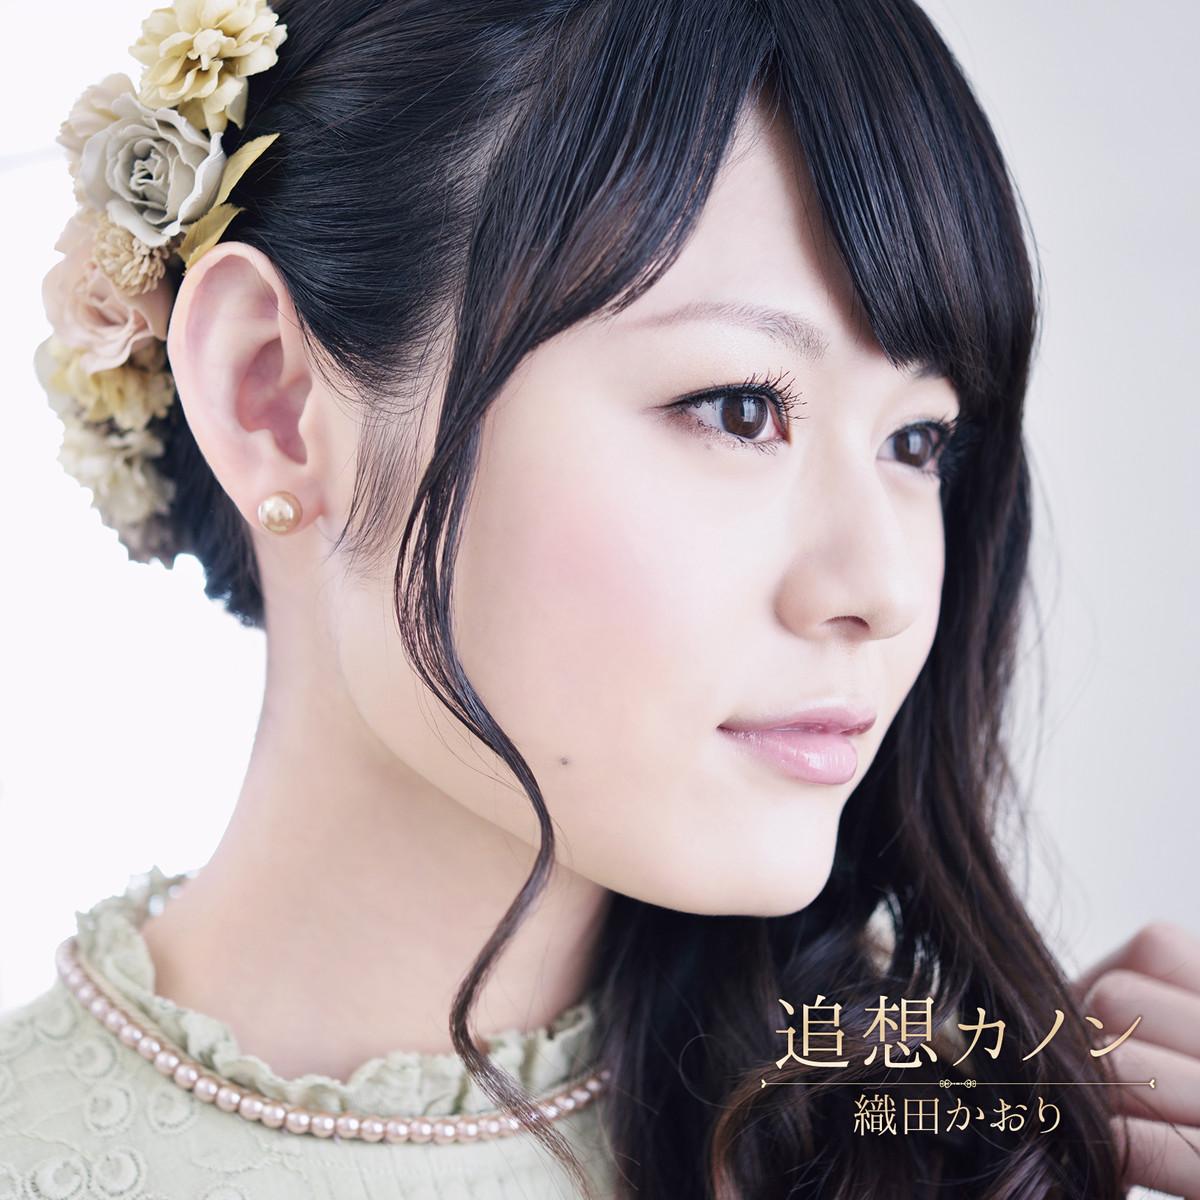 20170421.0444.11 Kaori Oda - Tsuiso Kanon cover.jpg